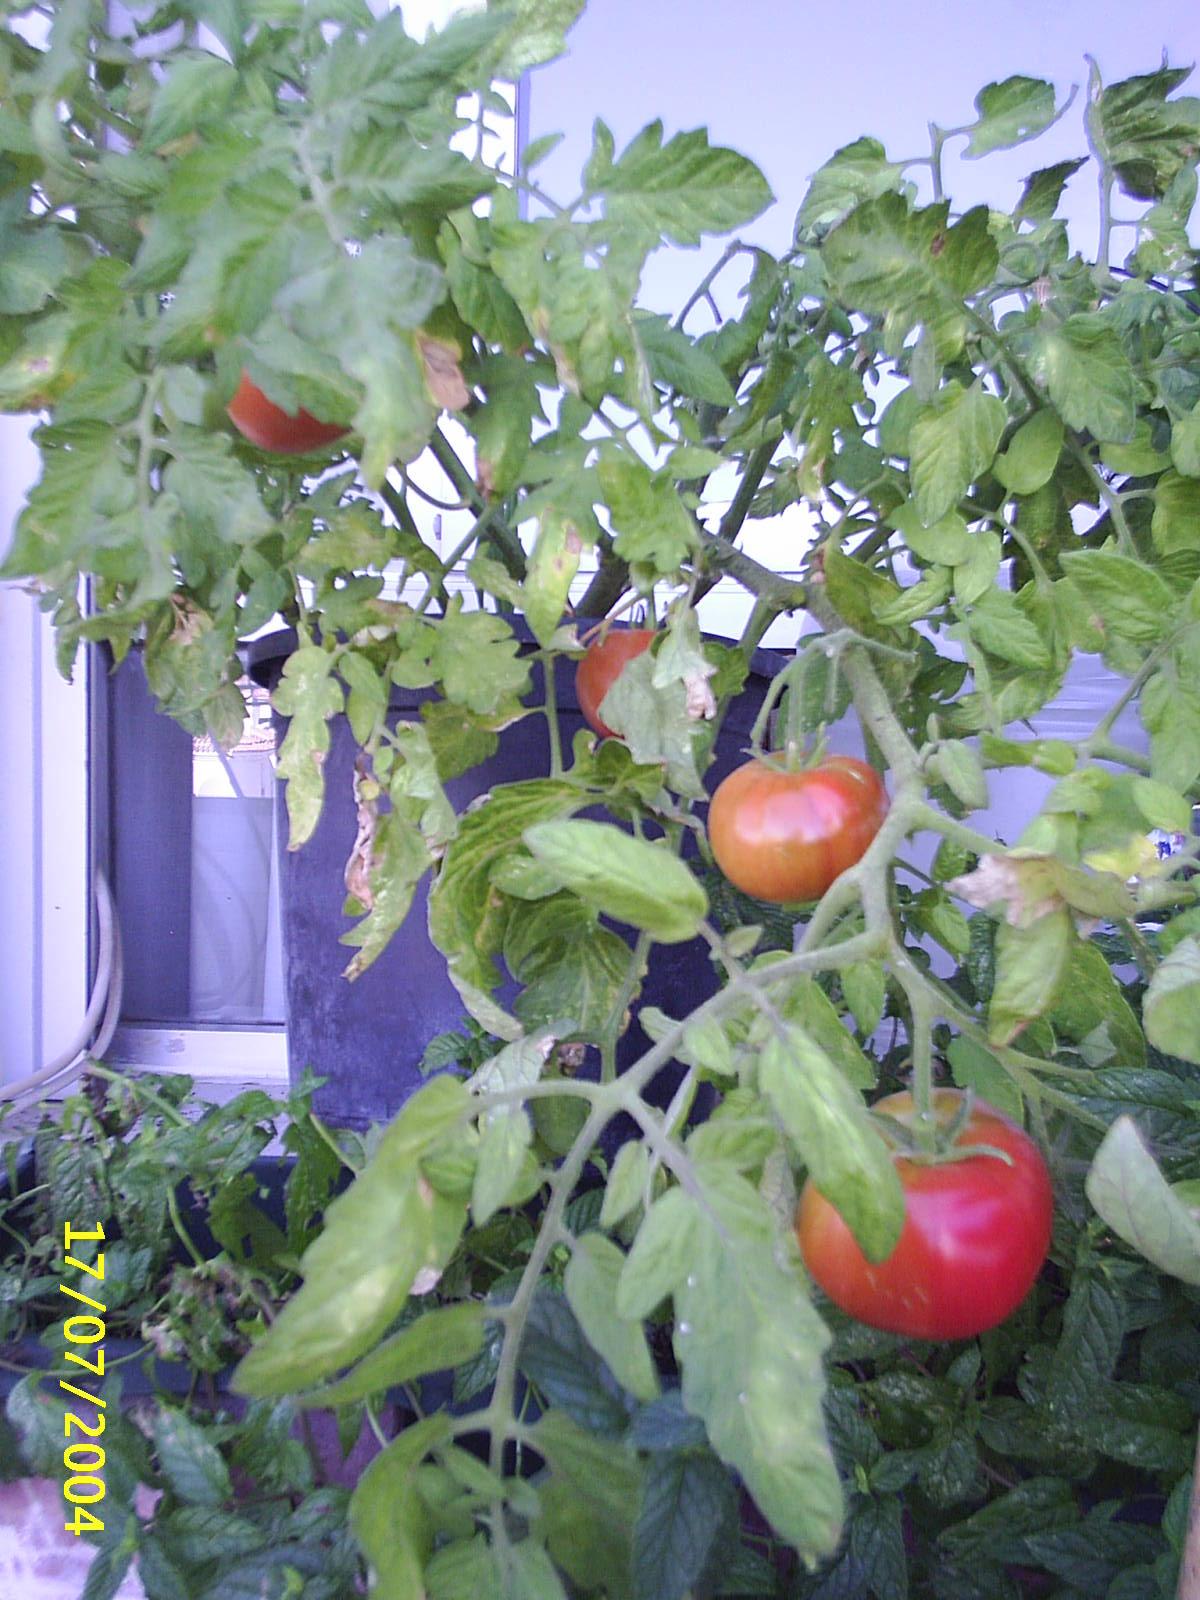 Tomates estupendos de una maceta en una ventana